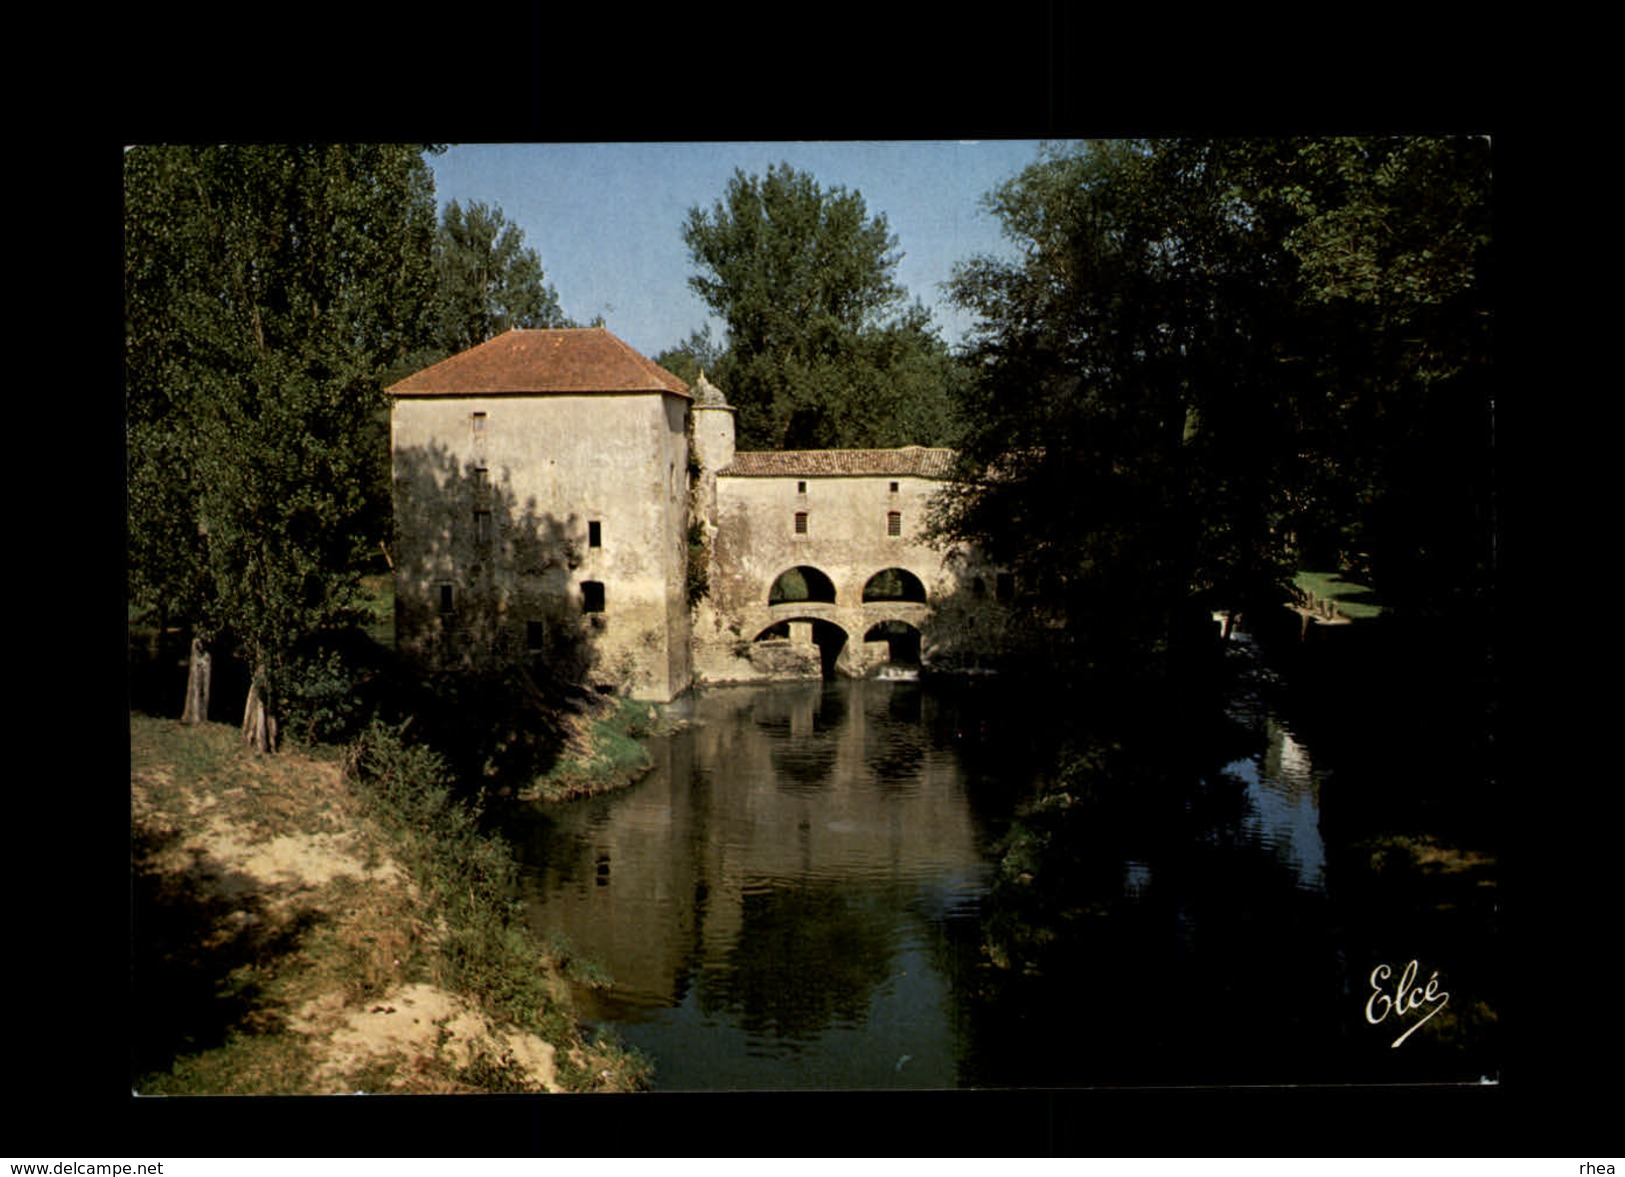 33 - BAGAS - Moulin à Eau - France